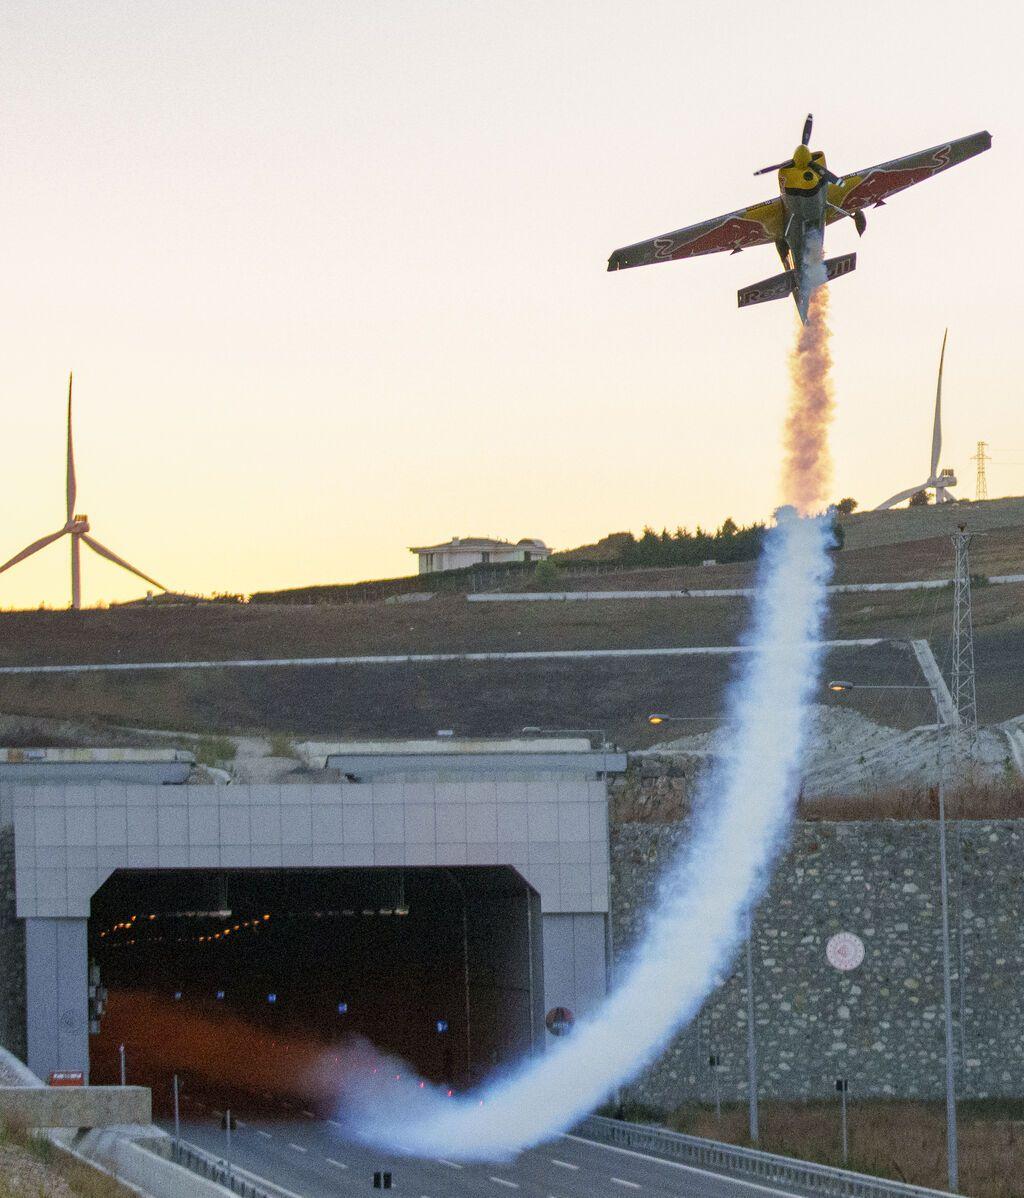 El avión Zivko Edge 540 modificado saliendo del túnel